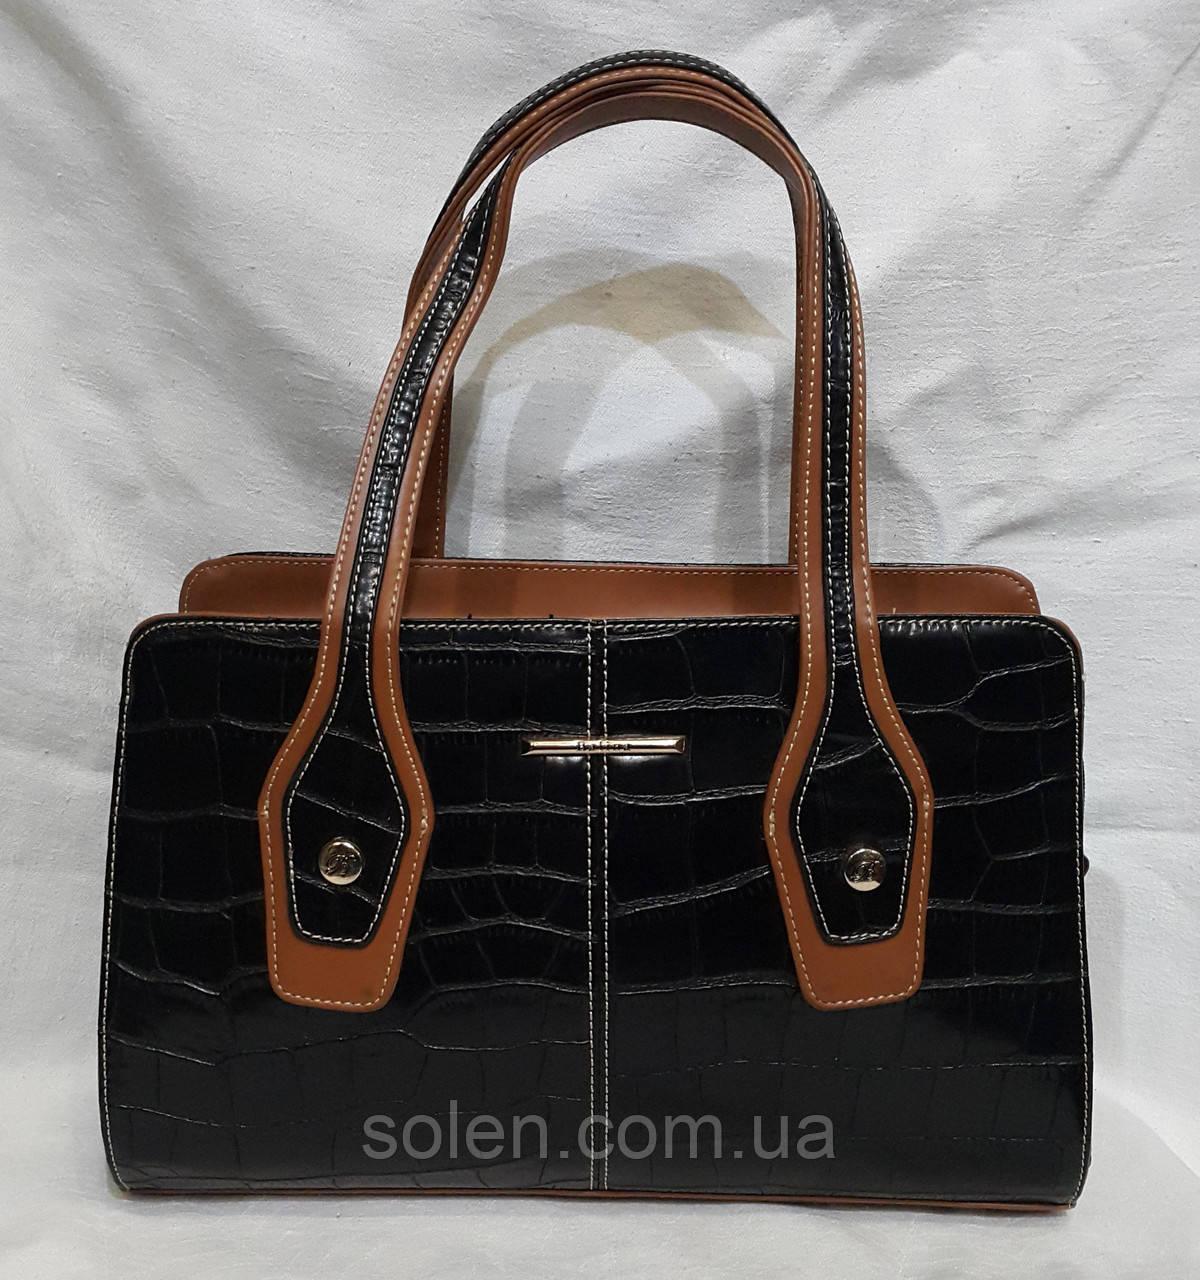 Женская сумка из кожзаменителя . Стильная сумка.